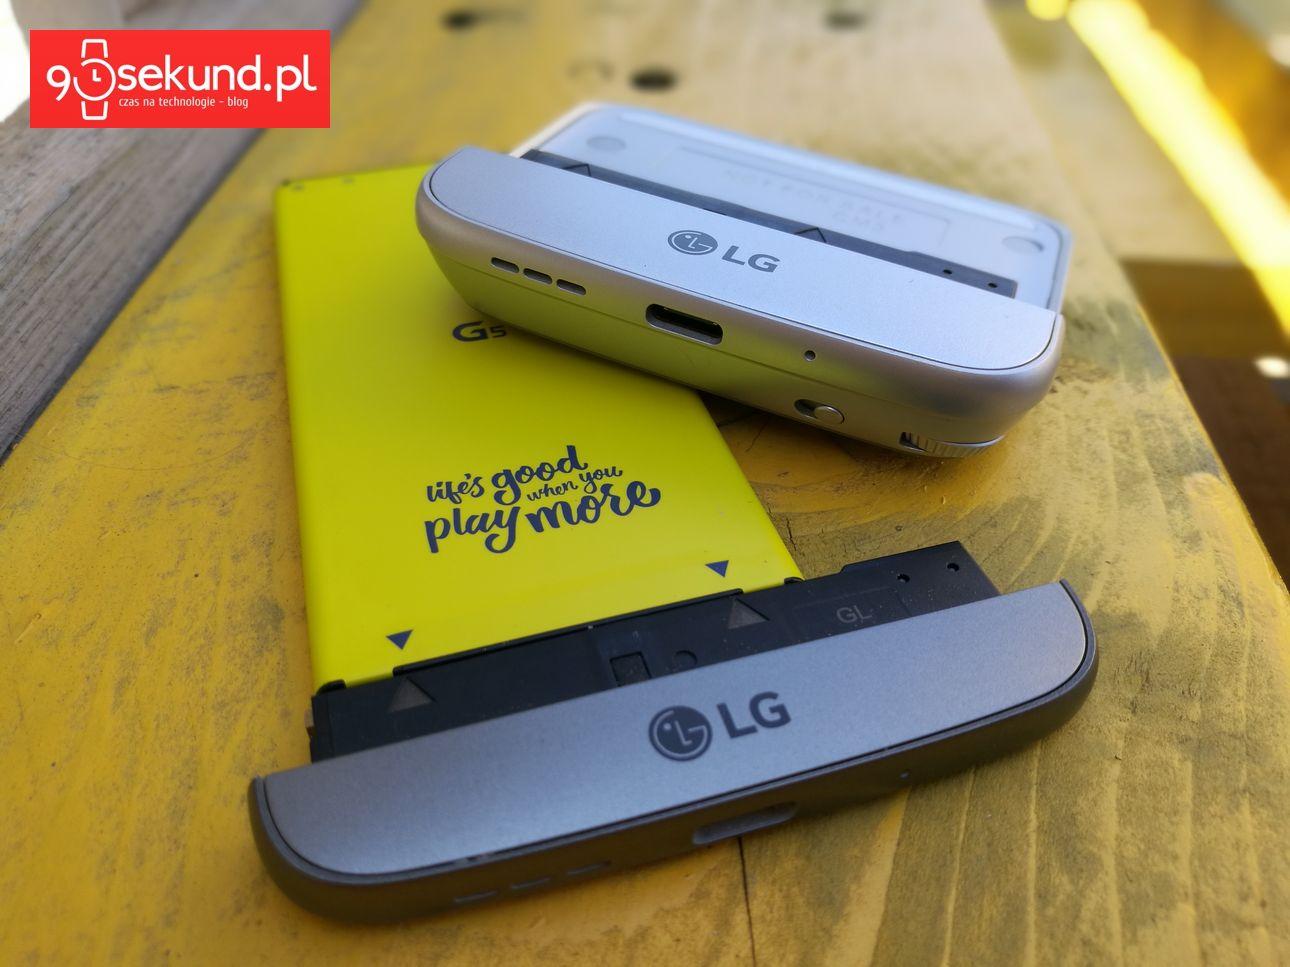 LG CAM-plus - 90sekund.pl